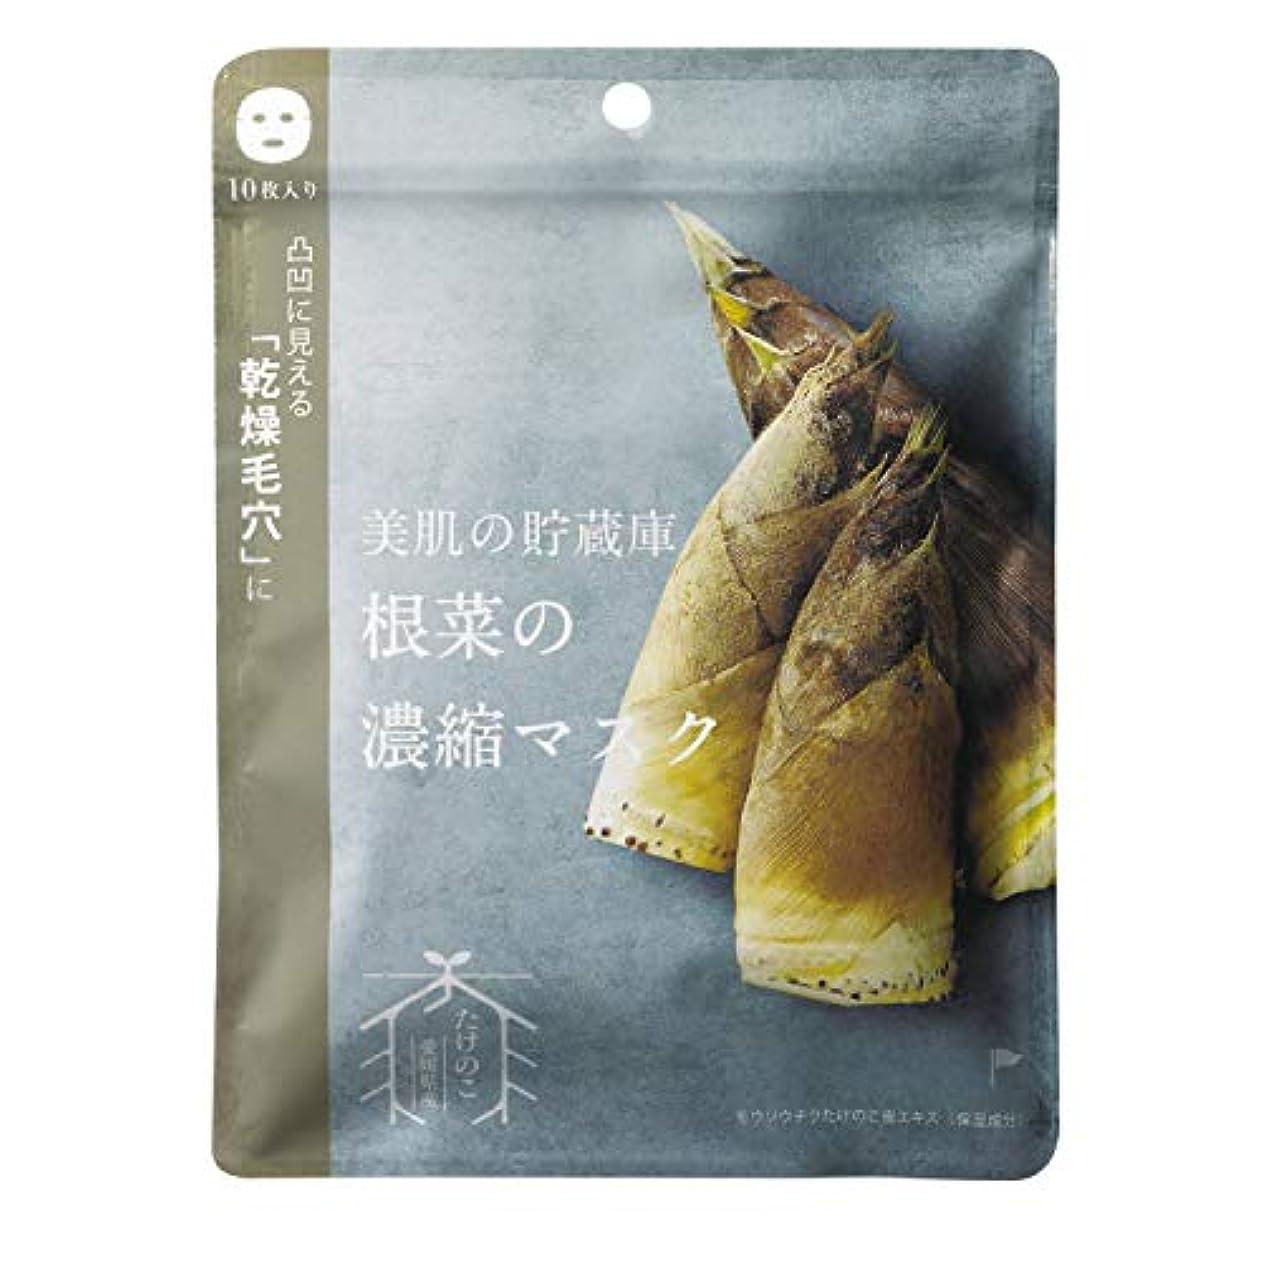 ほこりステージカップル@cosme nippon 美肌の貯蔵庫 根菜の濃縮マスク 孟宗竹たけのこ 10枚 160ml